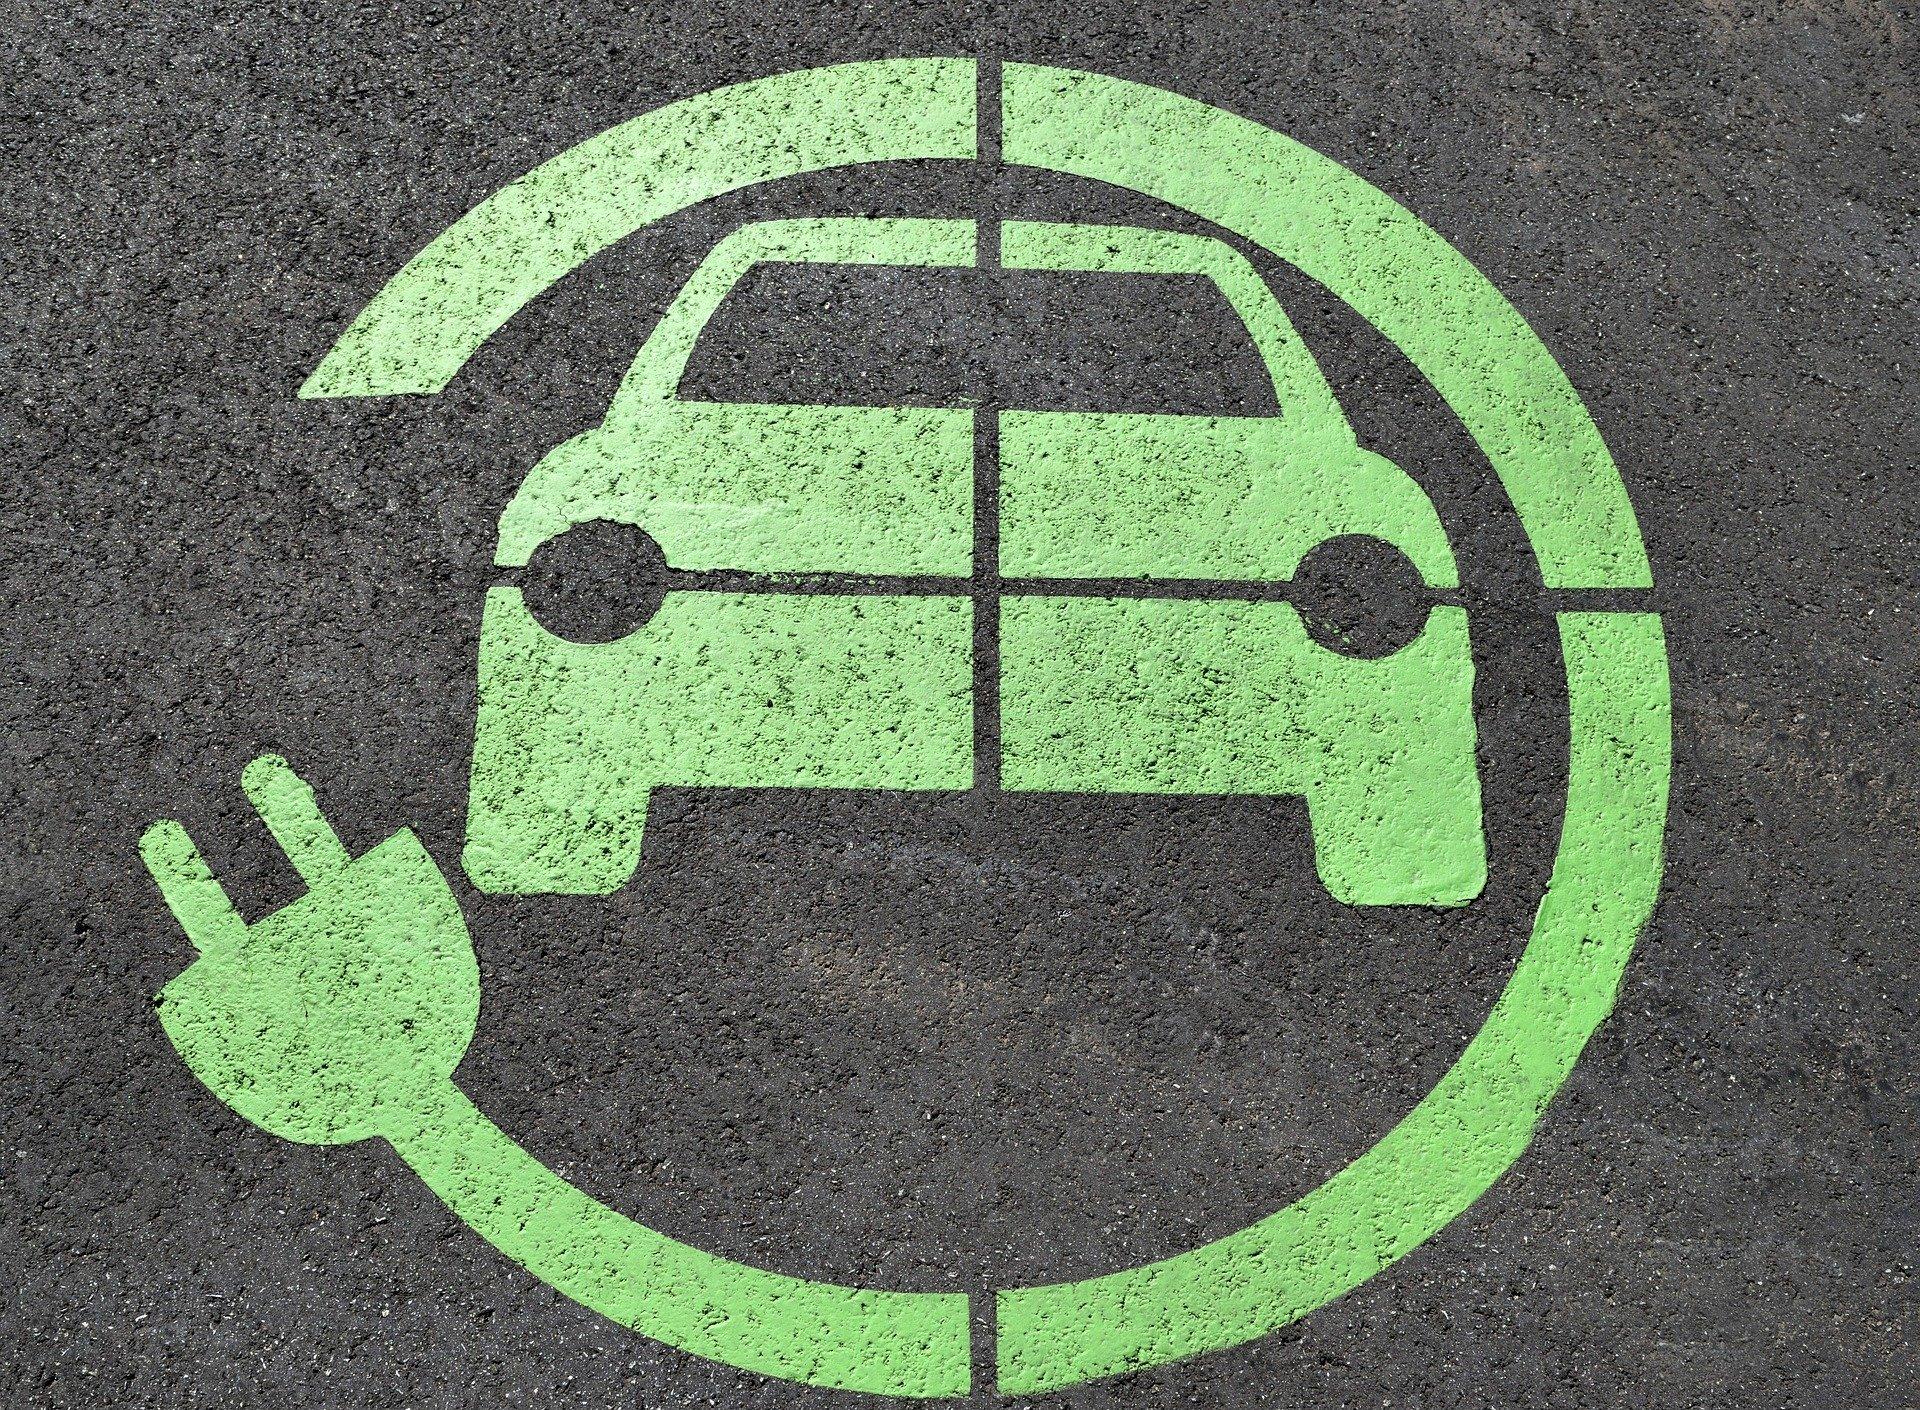 NI coches NI cochas eléctricos - hidrógeno (I) Gasolineras vs electrolineras y hidrogeneras.